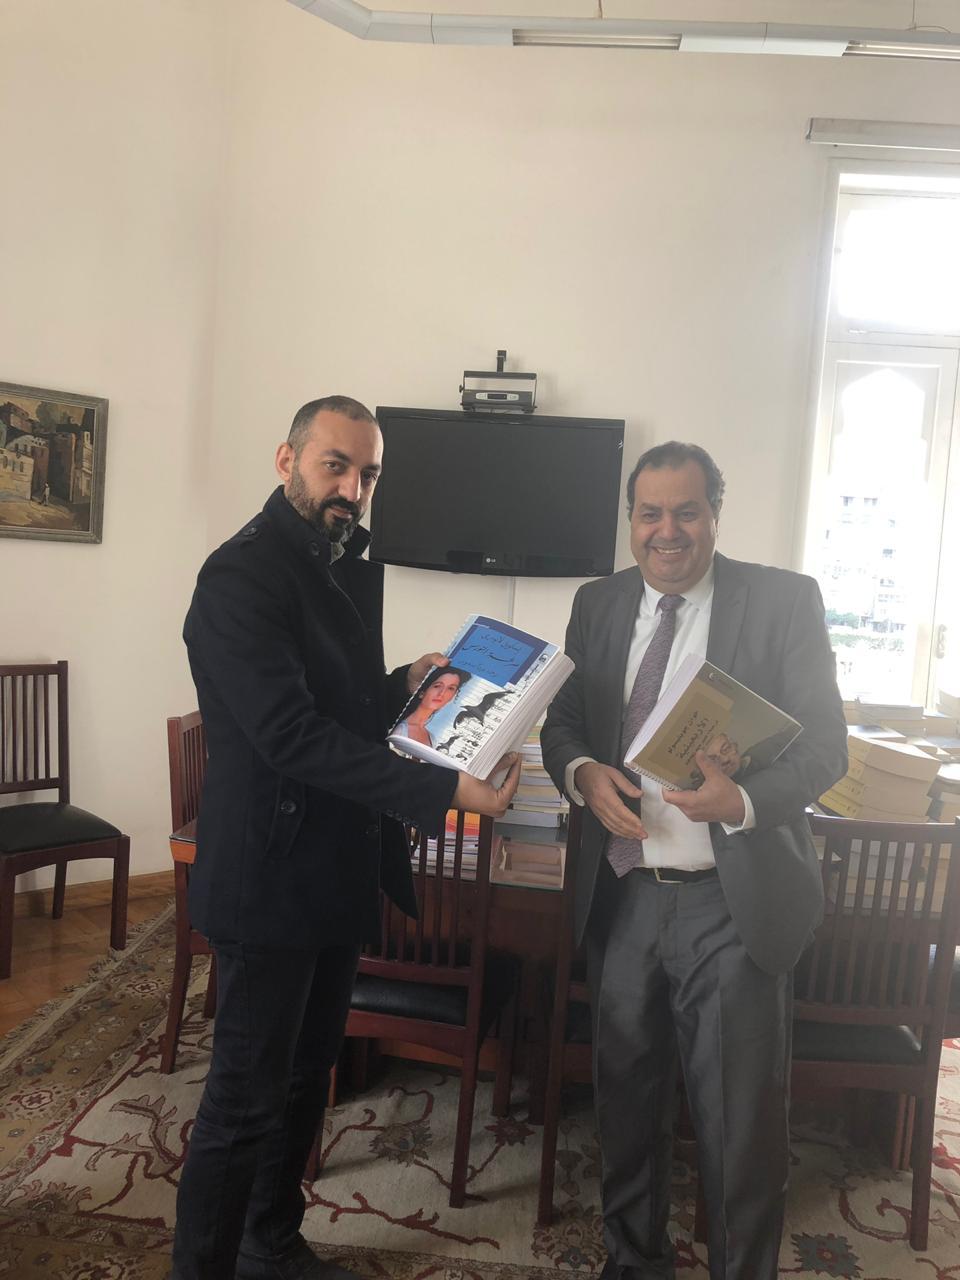 الدكتور أنور مغيث مع أحمد منصور محرر اليوم السابع  (1)